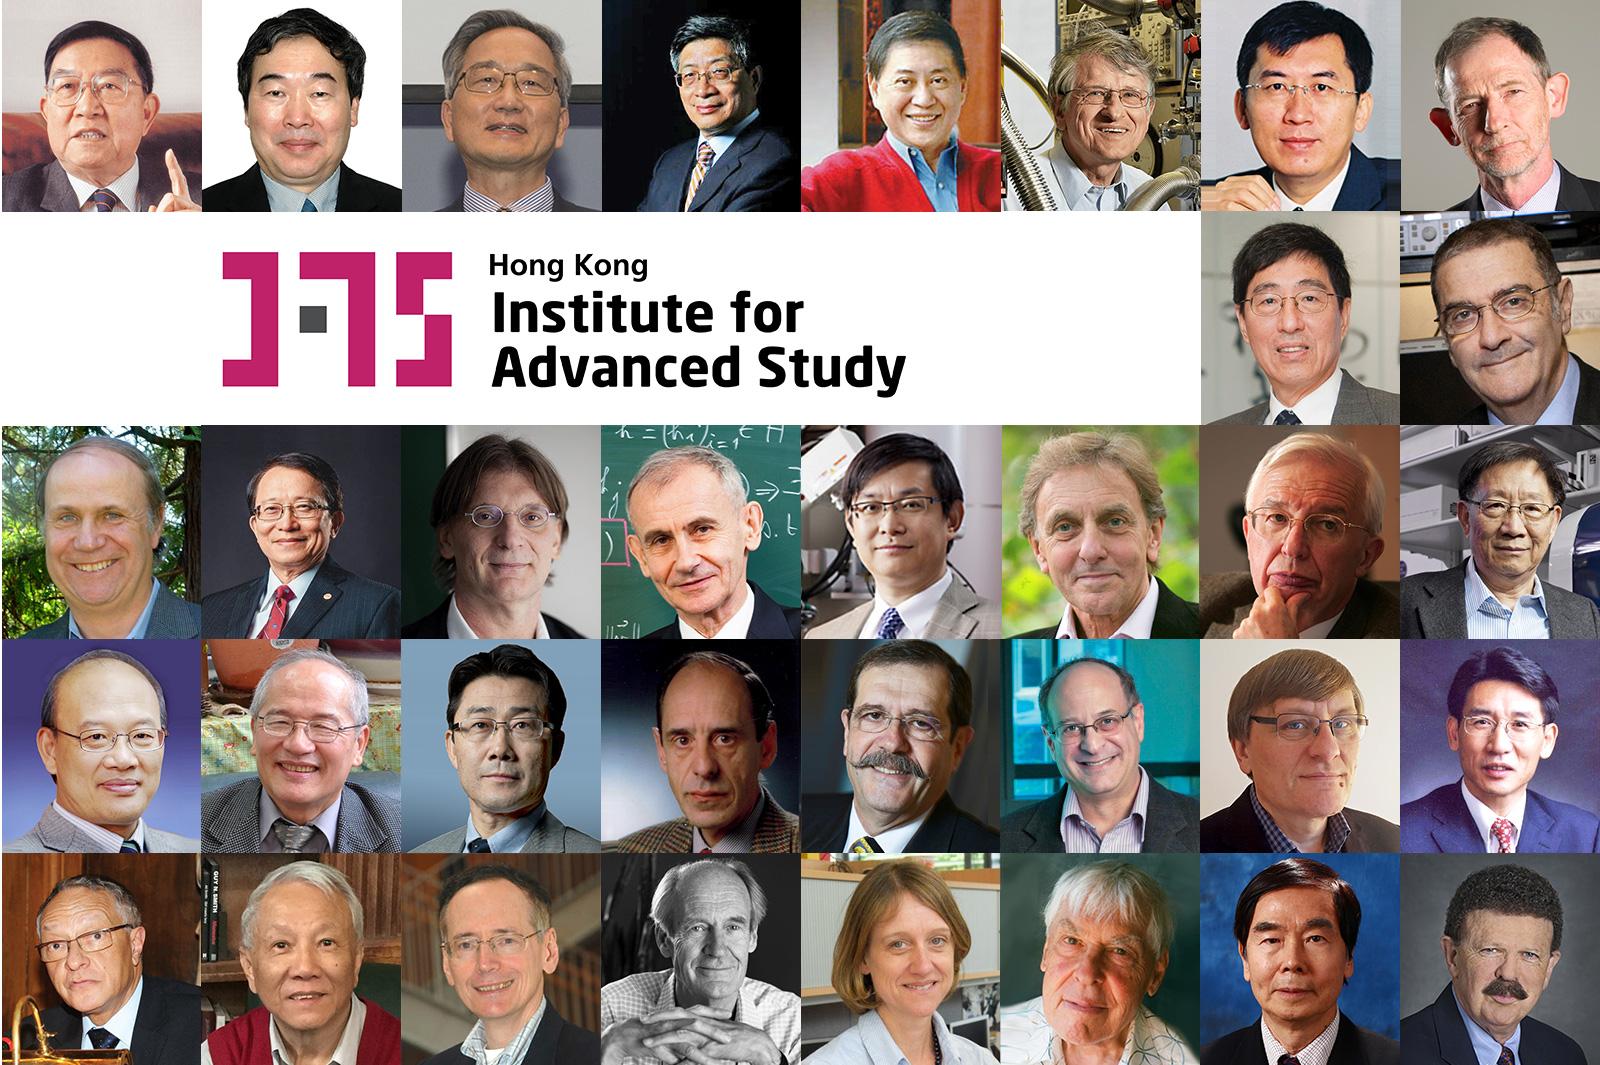 城大獲摯友捐贈 支持香港高等研究院發展